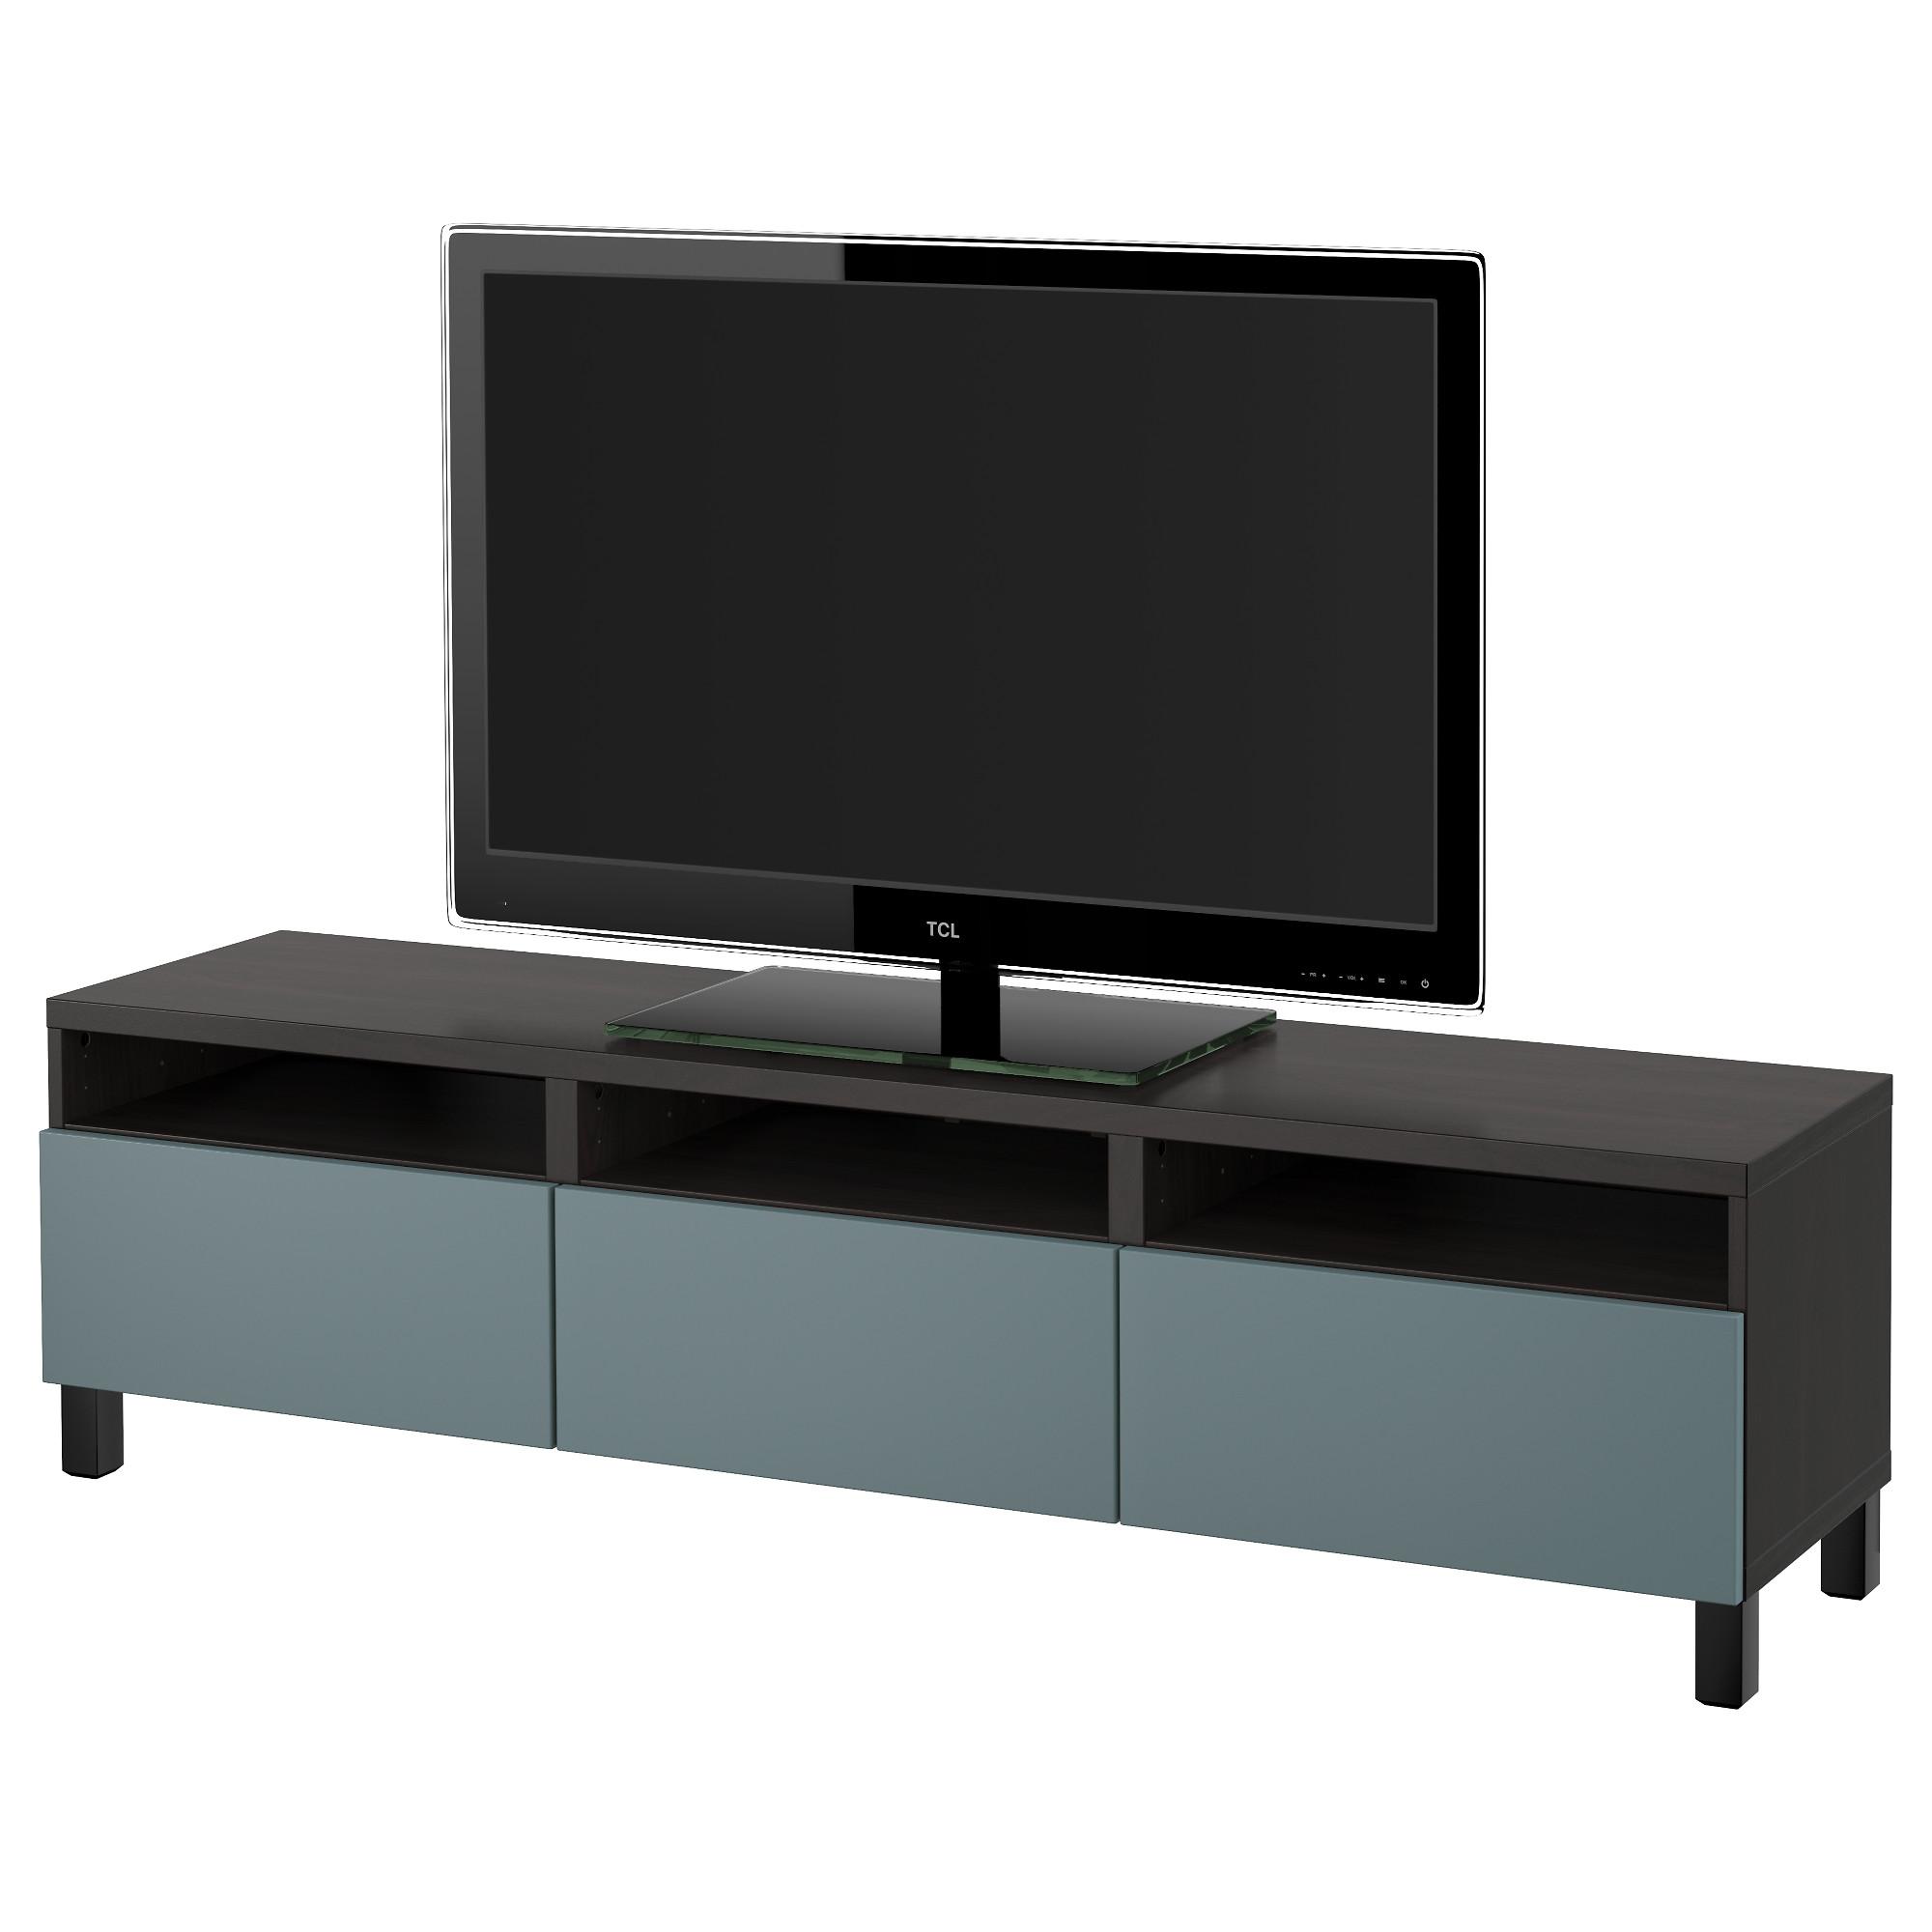 Тумба для ТВ с ящиками БЕСТО, черно-коричневый, Вальвикен серо-бирюзовый (180x40x48 см)